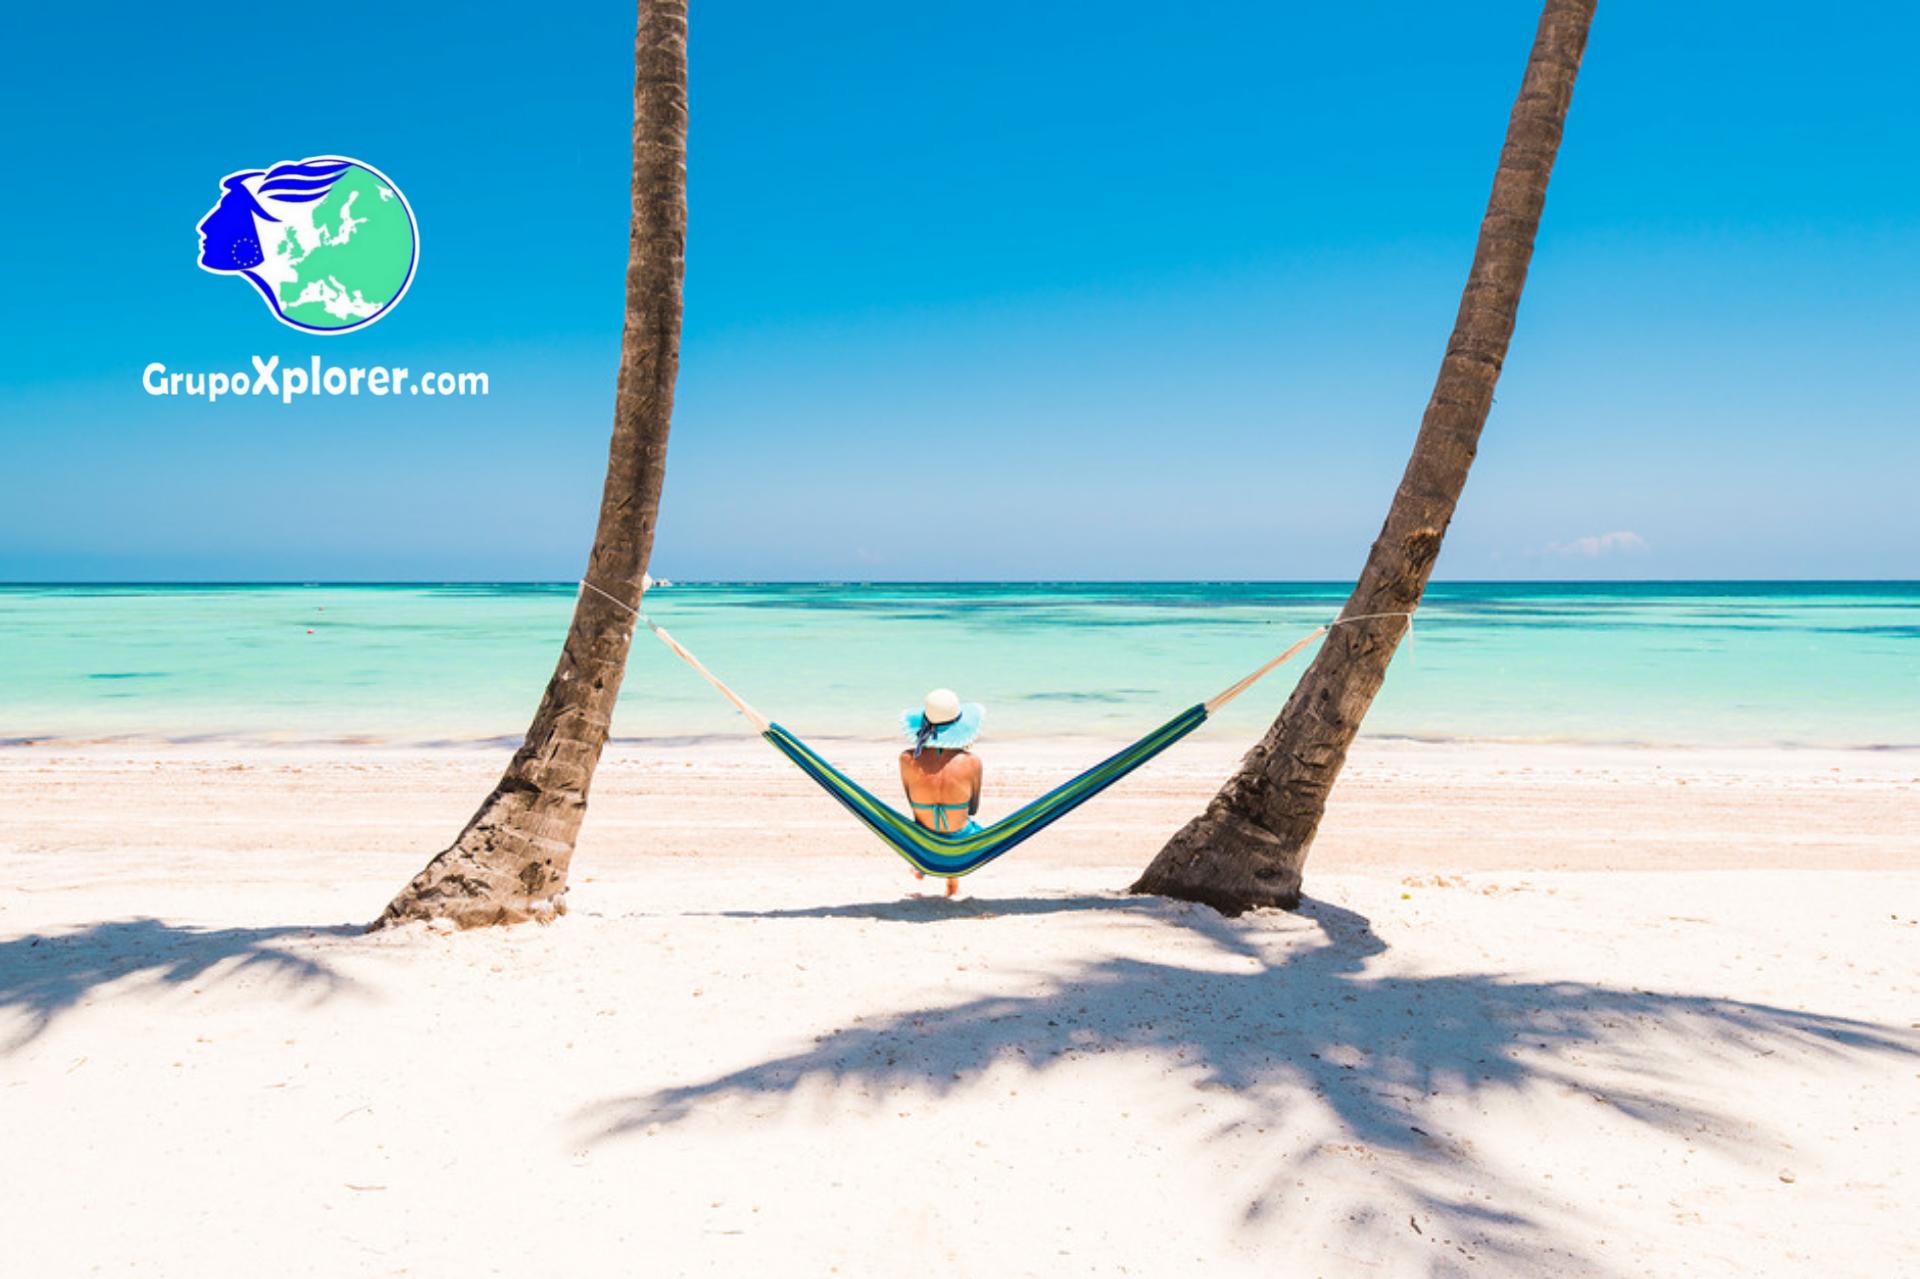 Disfruta de este viaje a Punta cana con todo incluido. Incluye vuelos idea y vuelta, traslados, alojamiento en hotel de 4 estrellas, tasas y seguro de viaje y más.